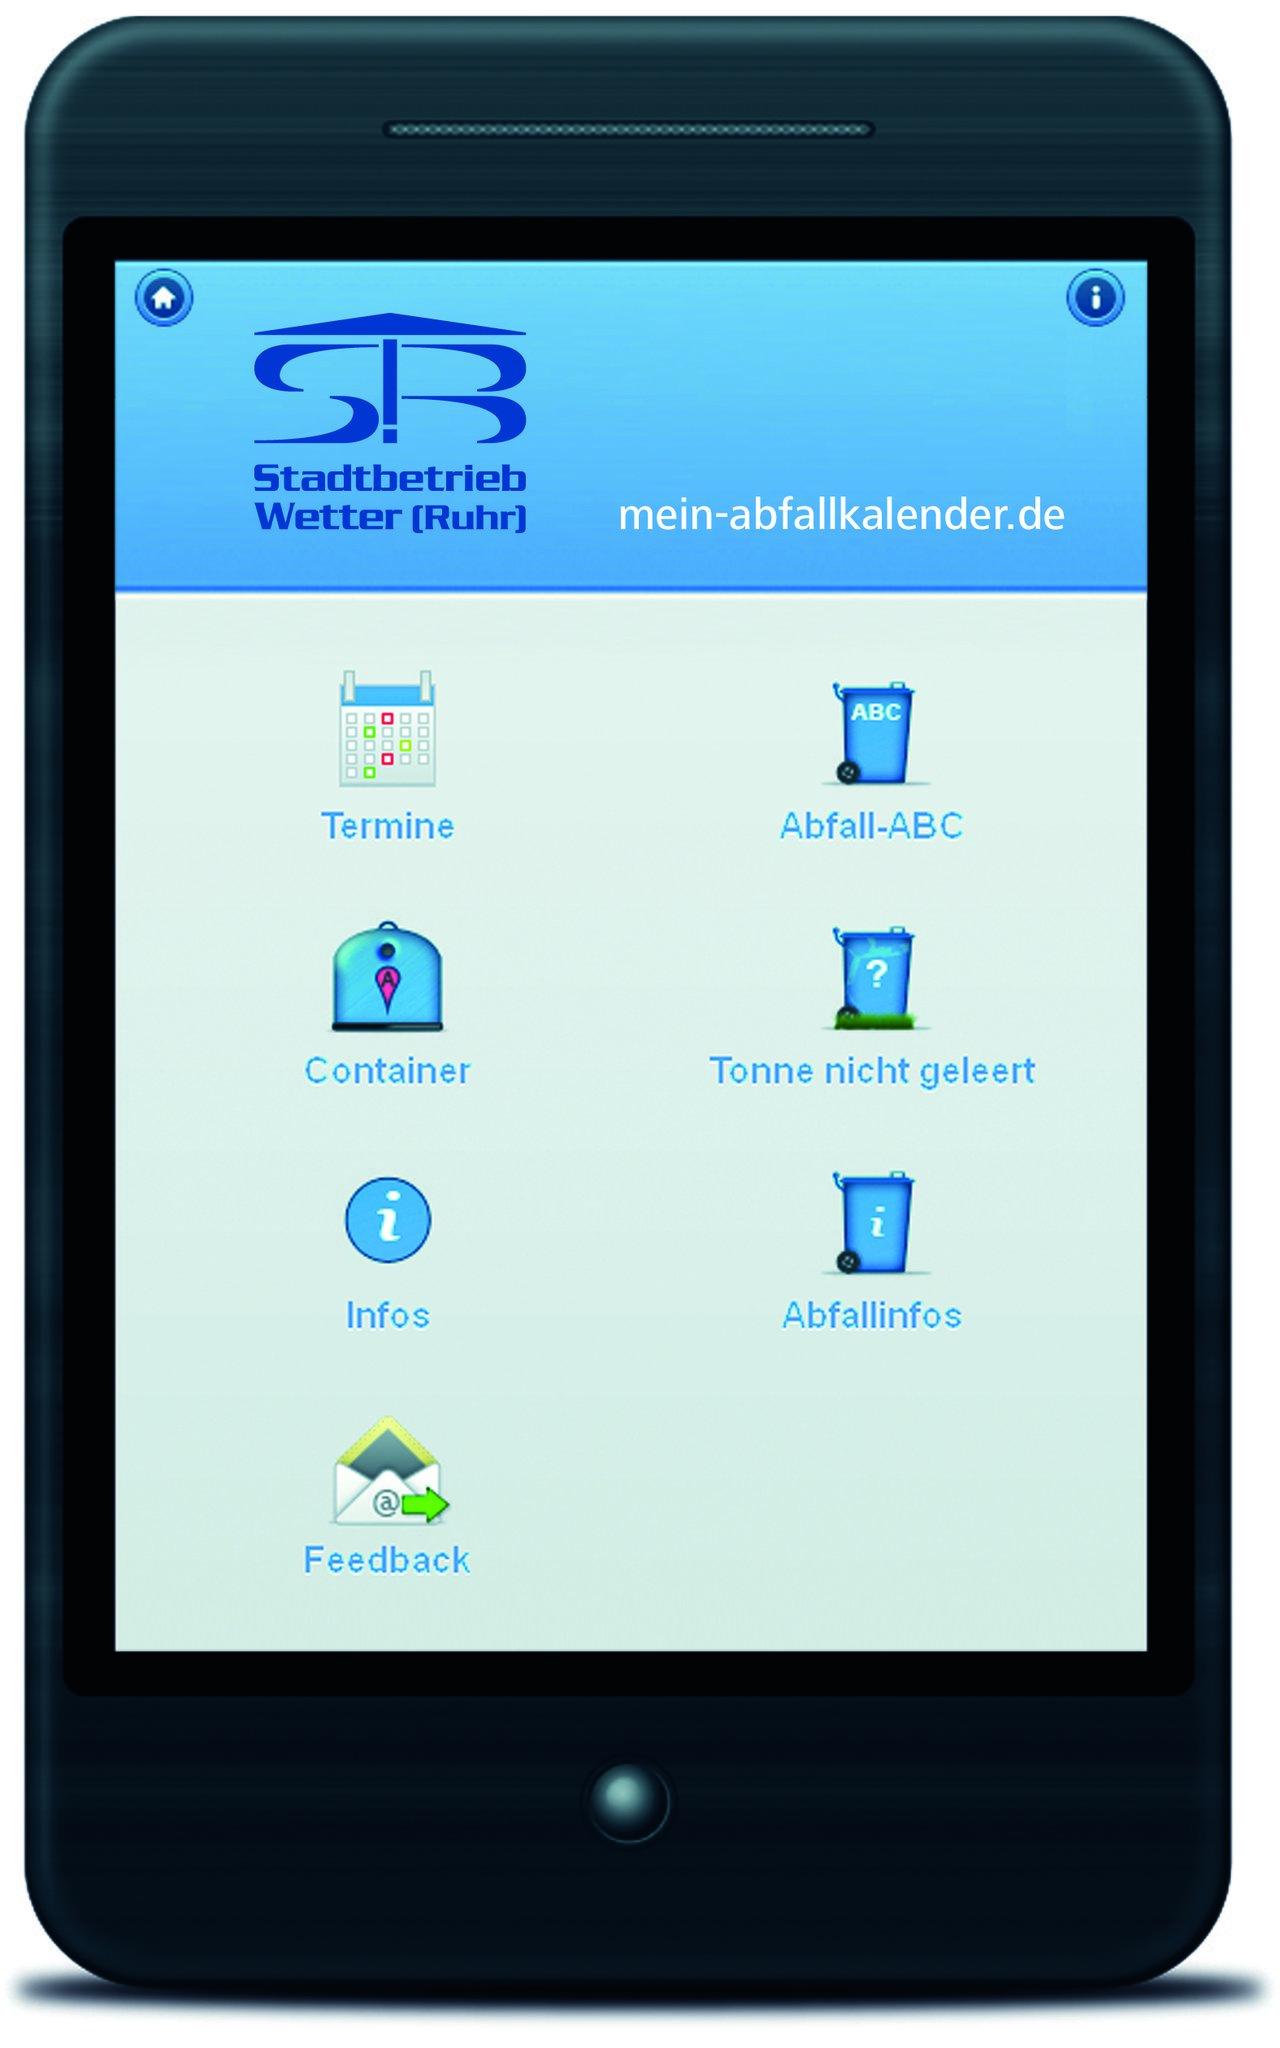 Wetter Hat Die Abfall App Wetter Ruhr